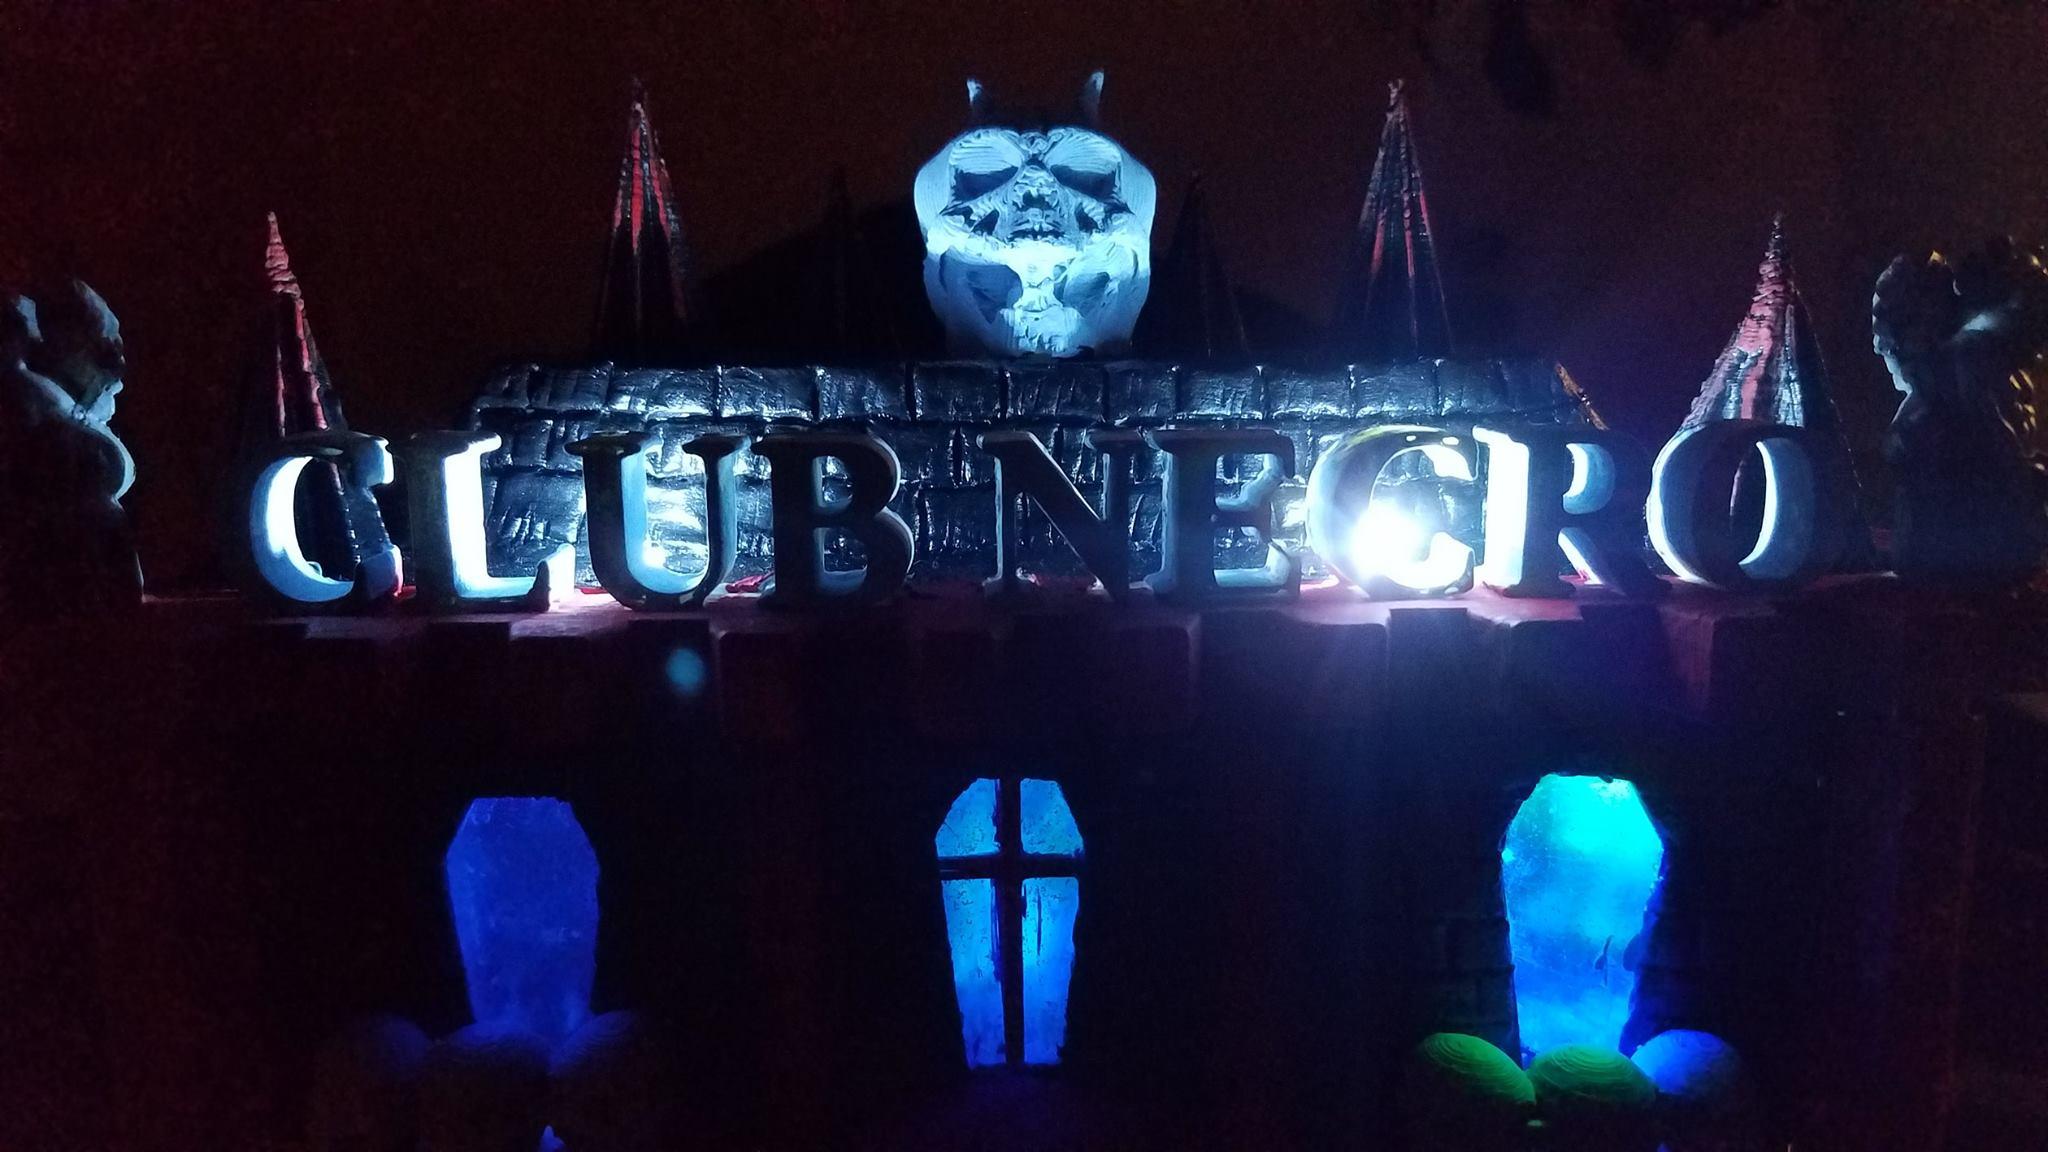 Club Necro